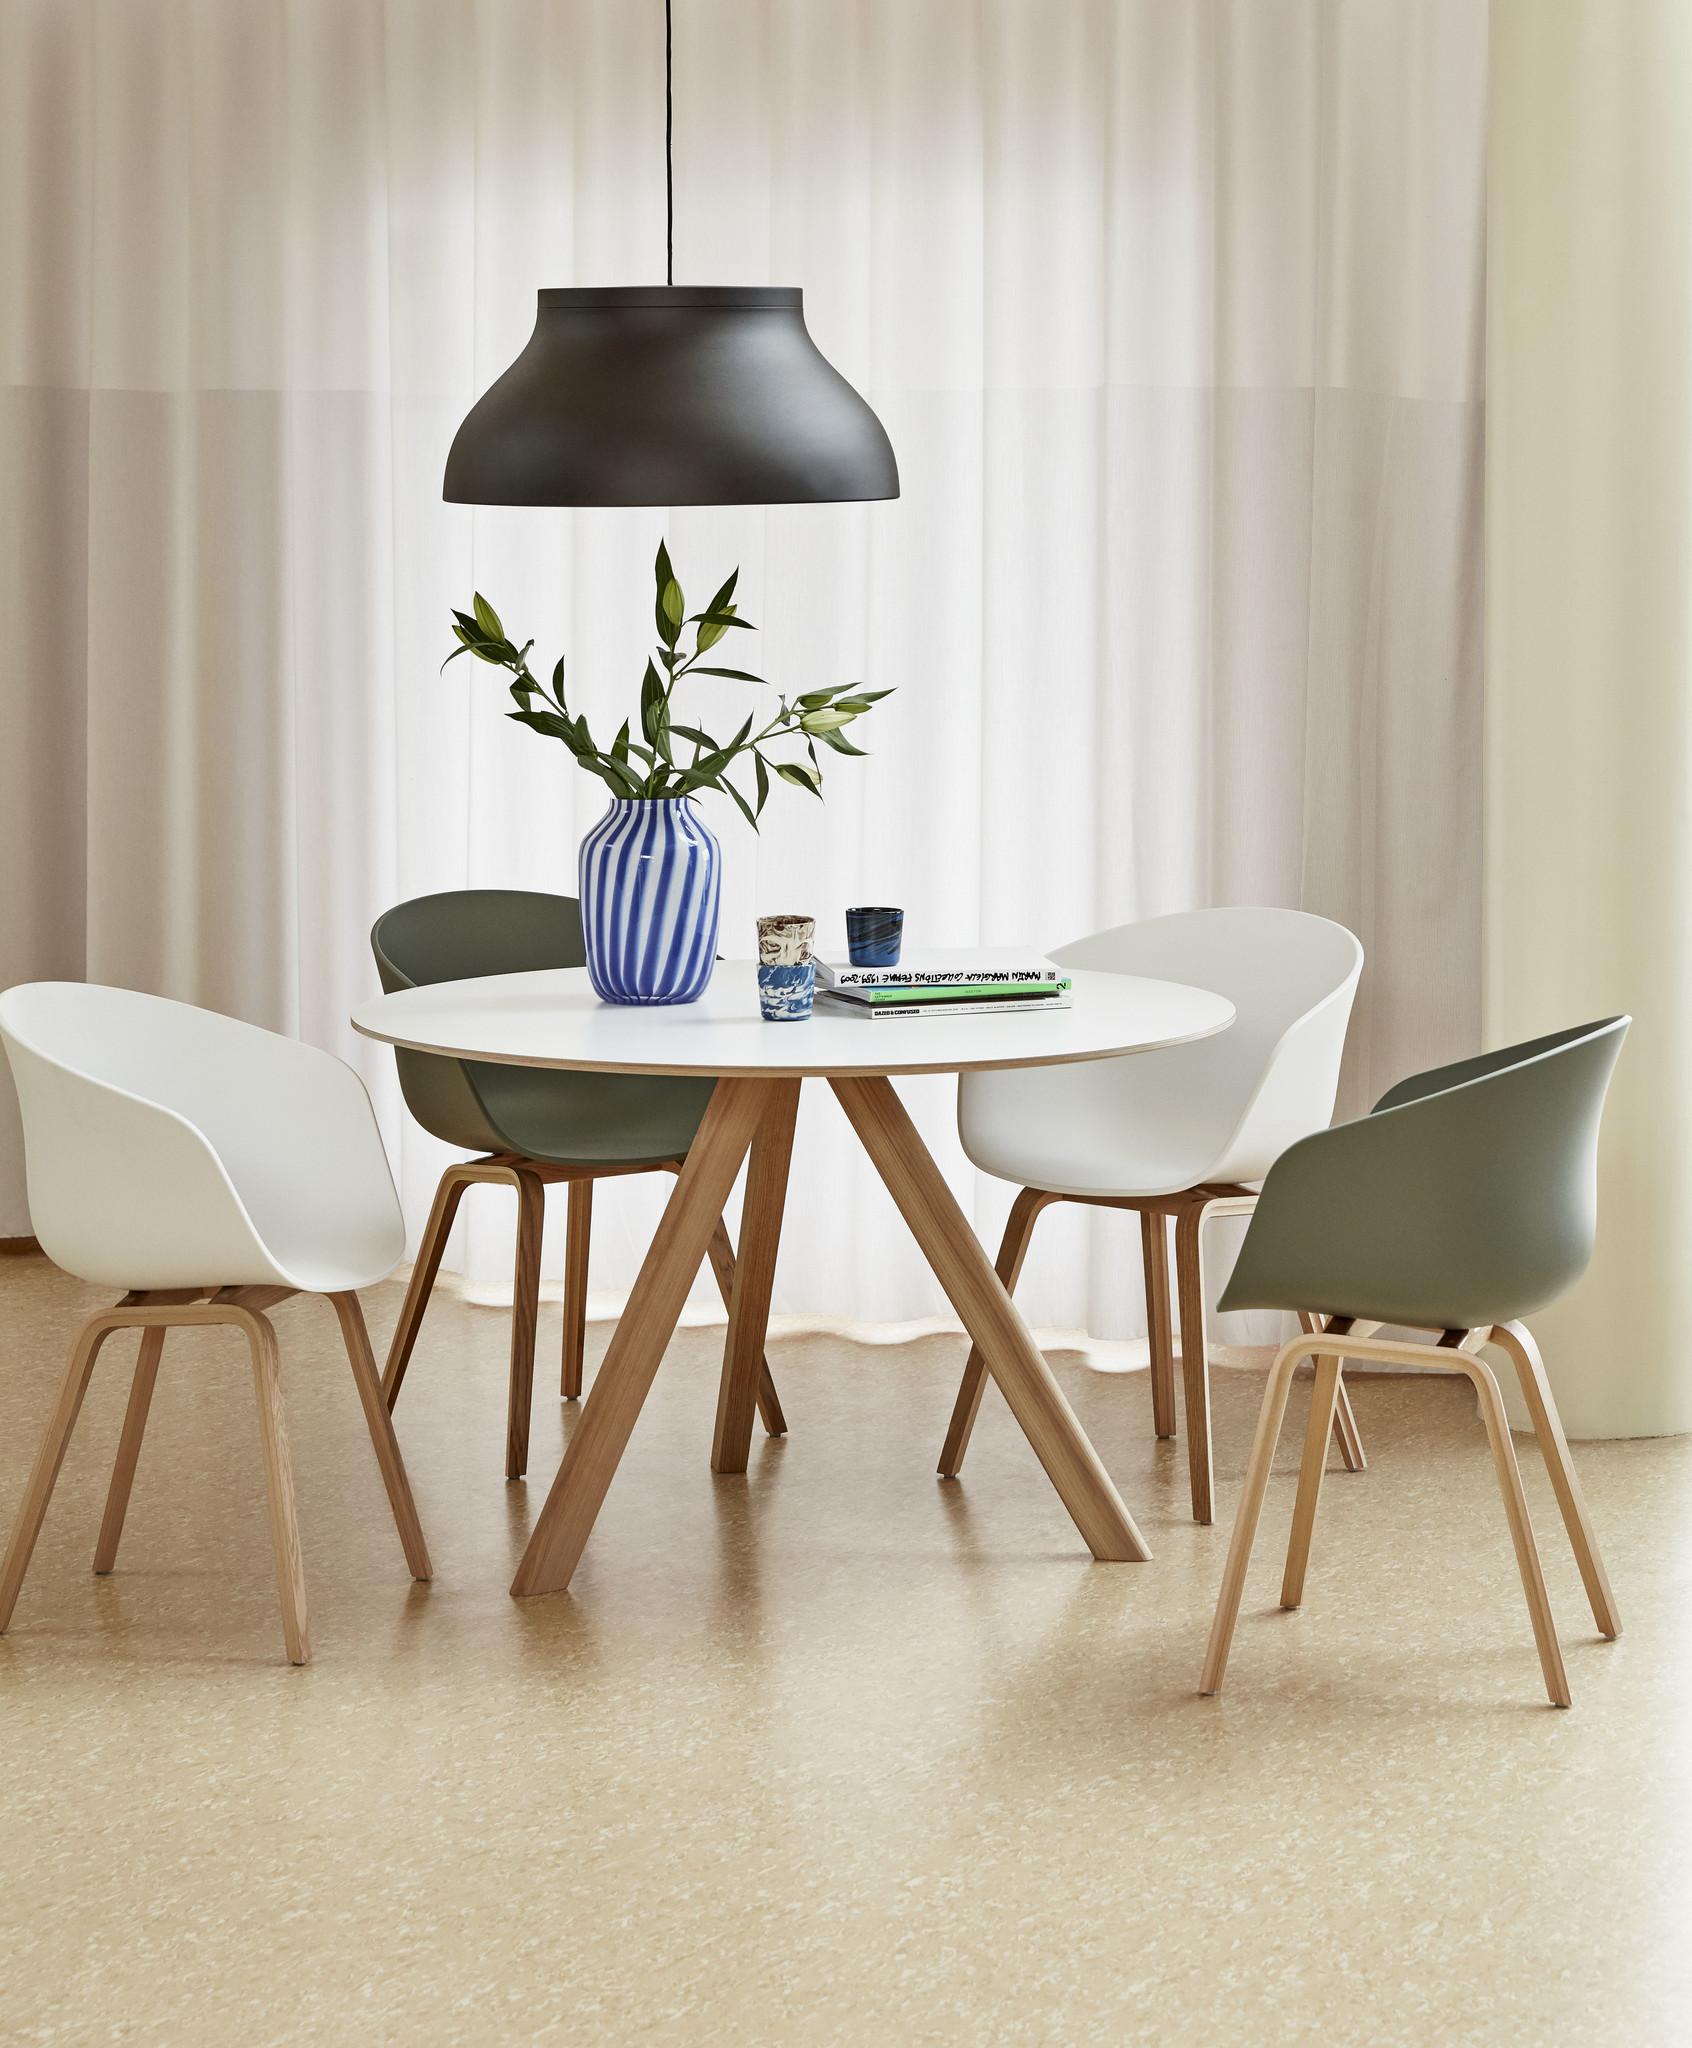 Phòng bếp đẹp rạng ngời nhờ 6 mẫu thiết kế ghế nổi bật được các chuyên gia nước ngoài bình chọn, soi giá bán tại Việt Nam không quá đắt - Ảnh 4.